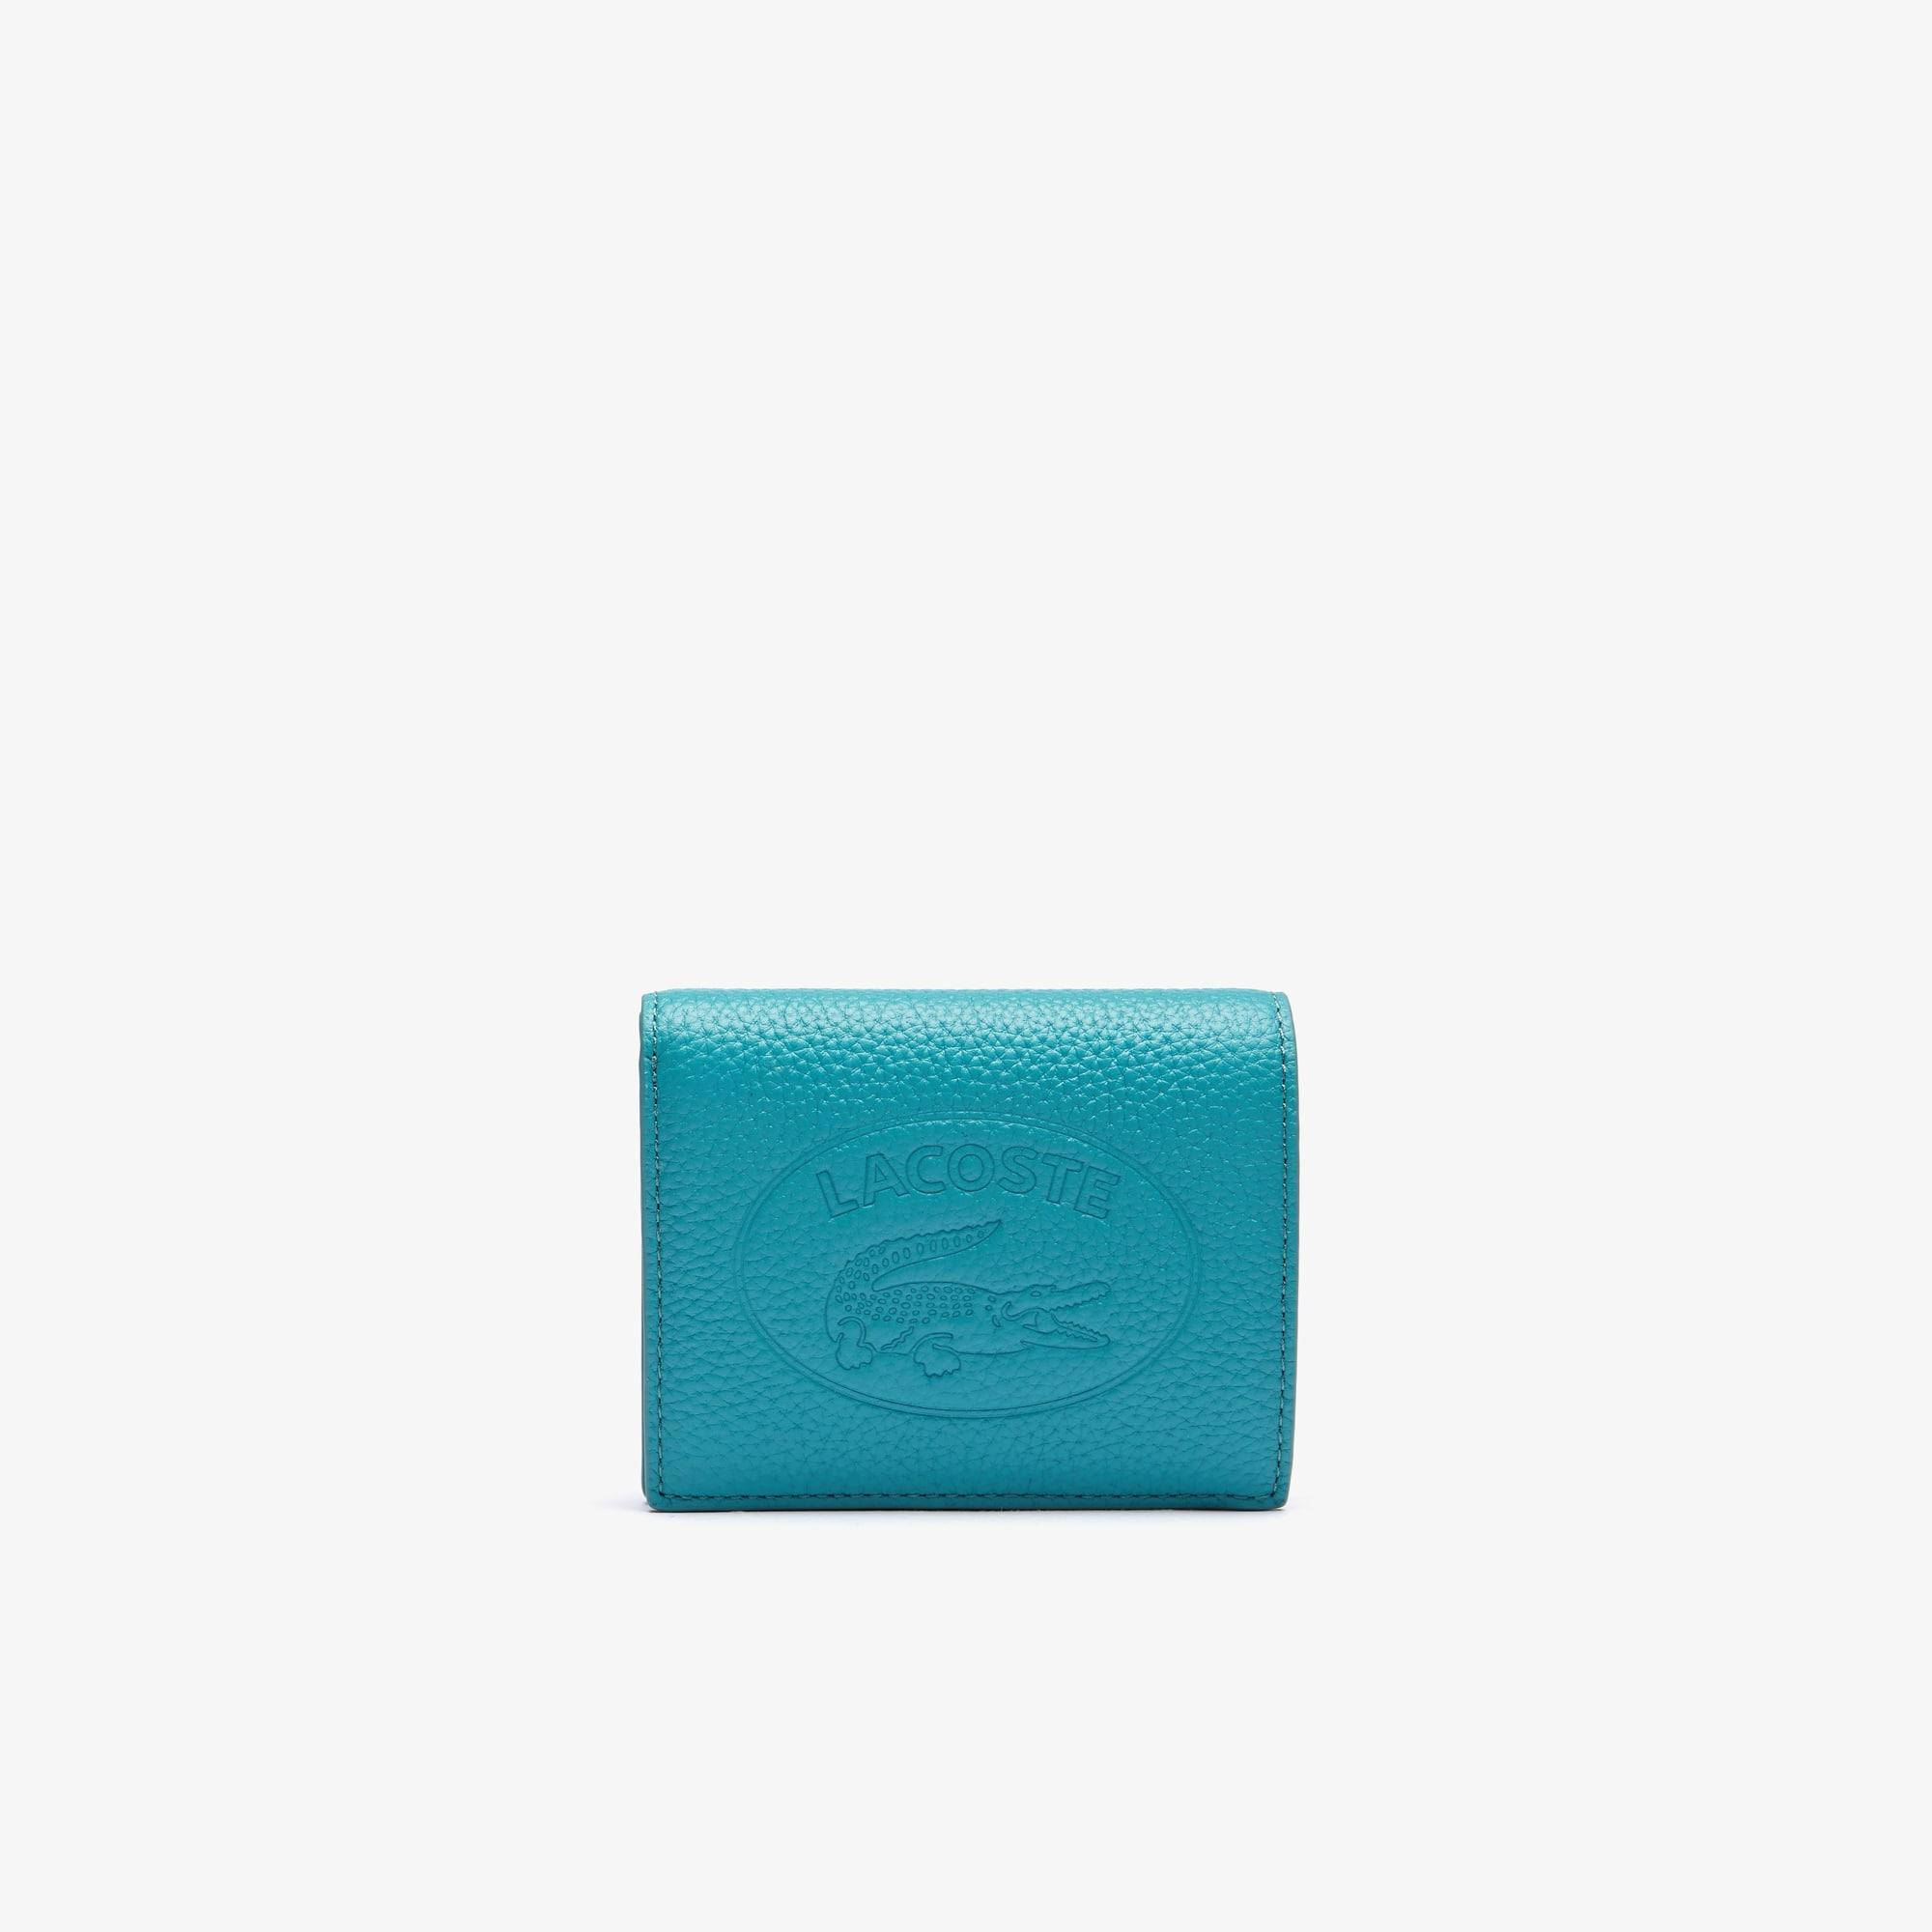 라코스테 크로코 크루 동전 반지갑, 그레인 가죽 - 10 컬러 Lacoste Women's Croco Crew Grained Leather Bi-fold Wallet with Coin Purse